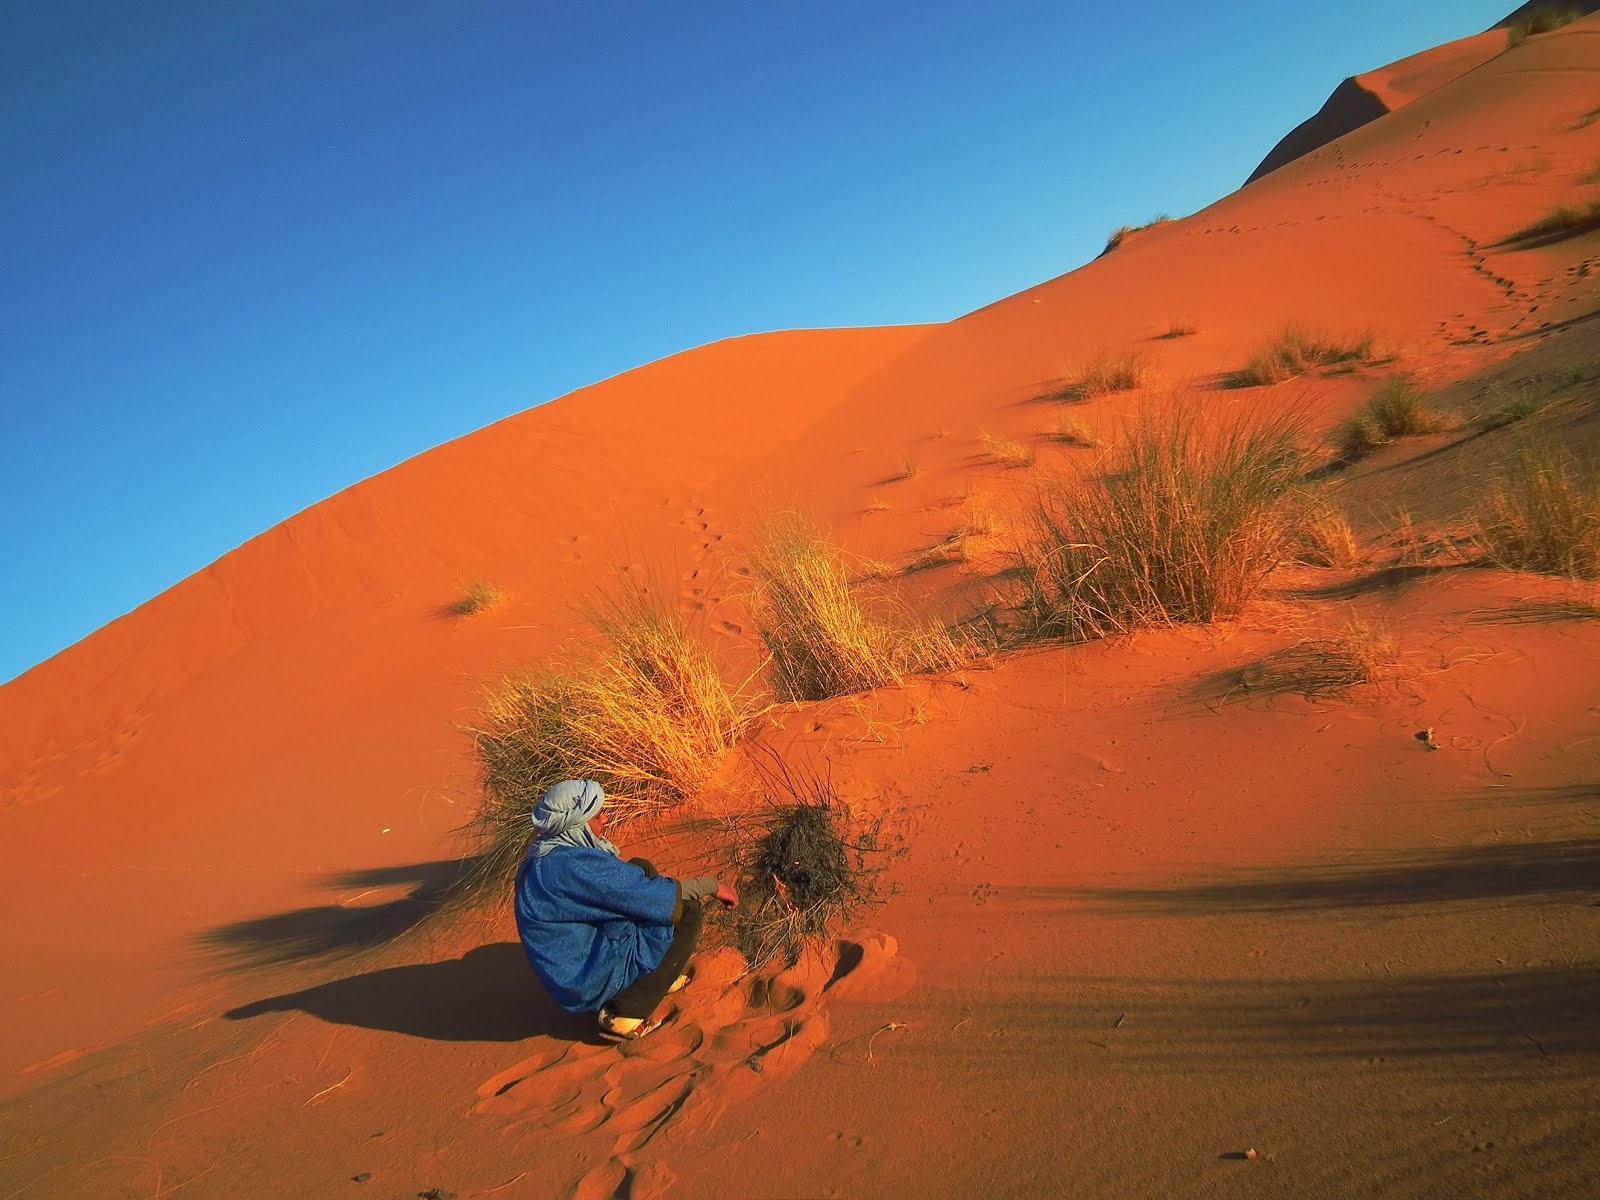 適任的沙漠夢想計畫(請按圖)